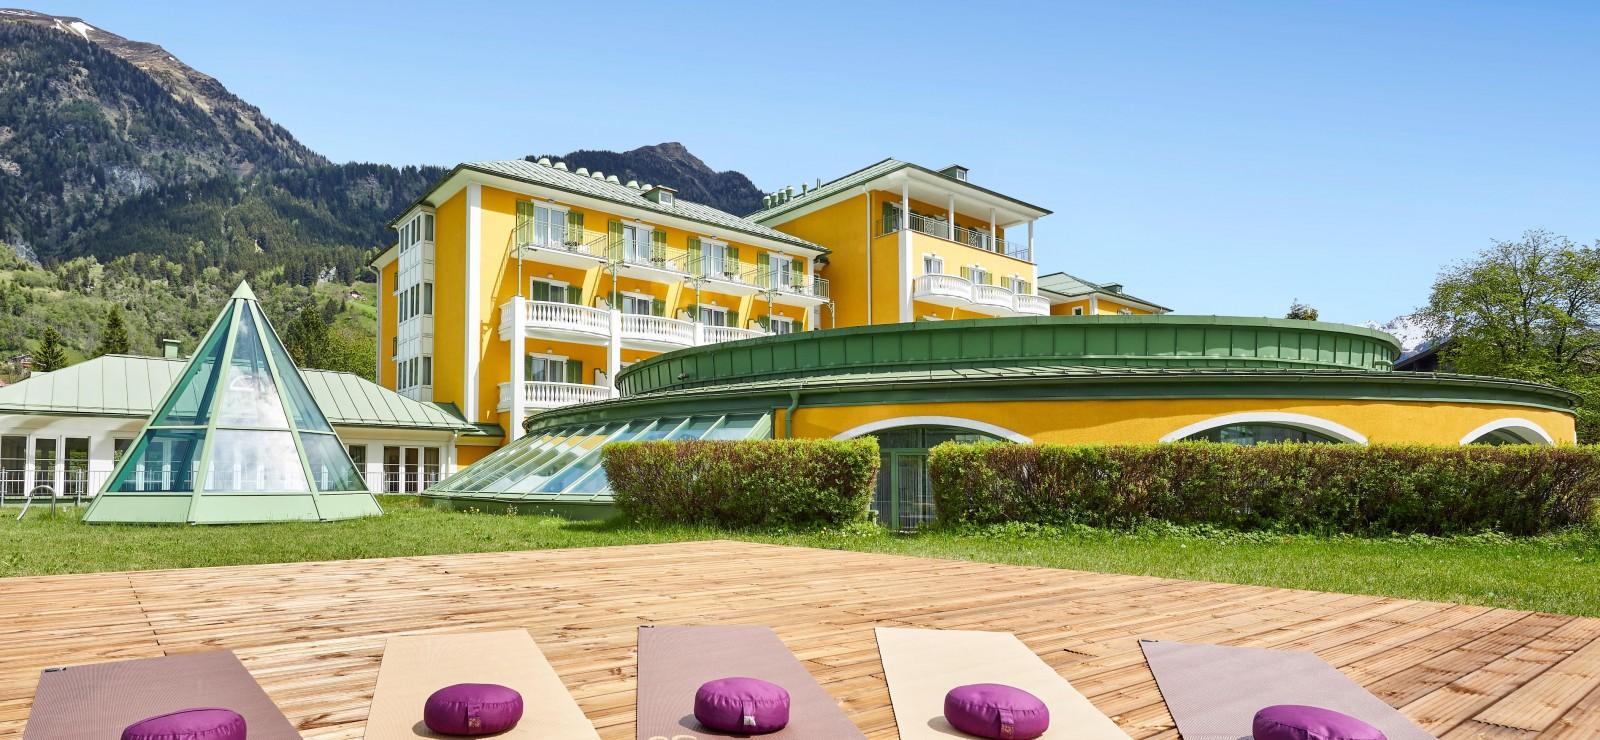 Wellnesshotels salzburger land ab 79 bewertungen for Design hotel salzburger land